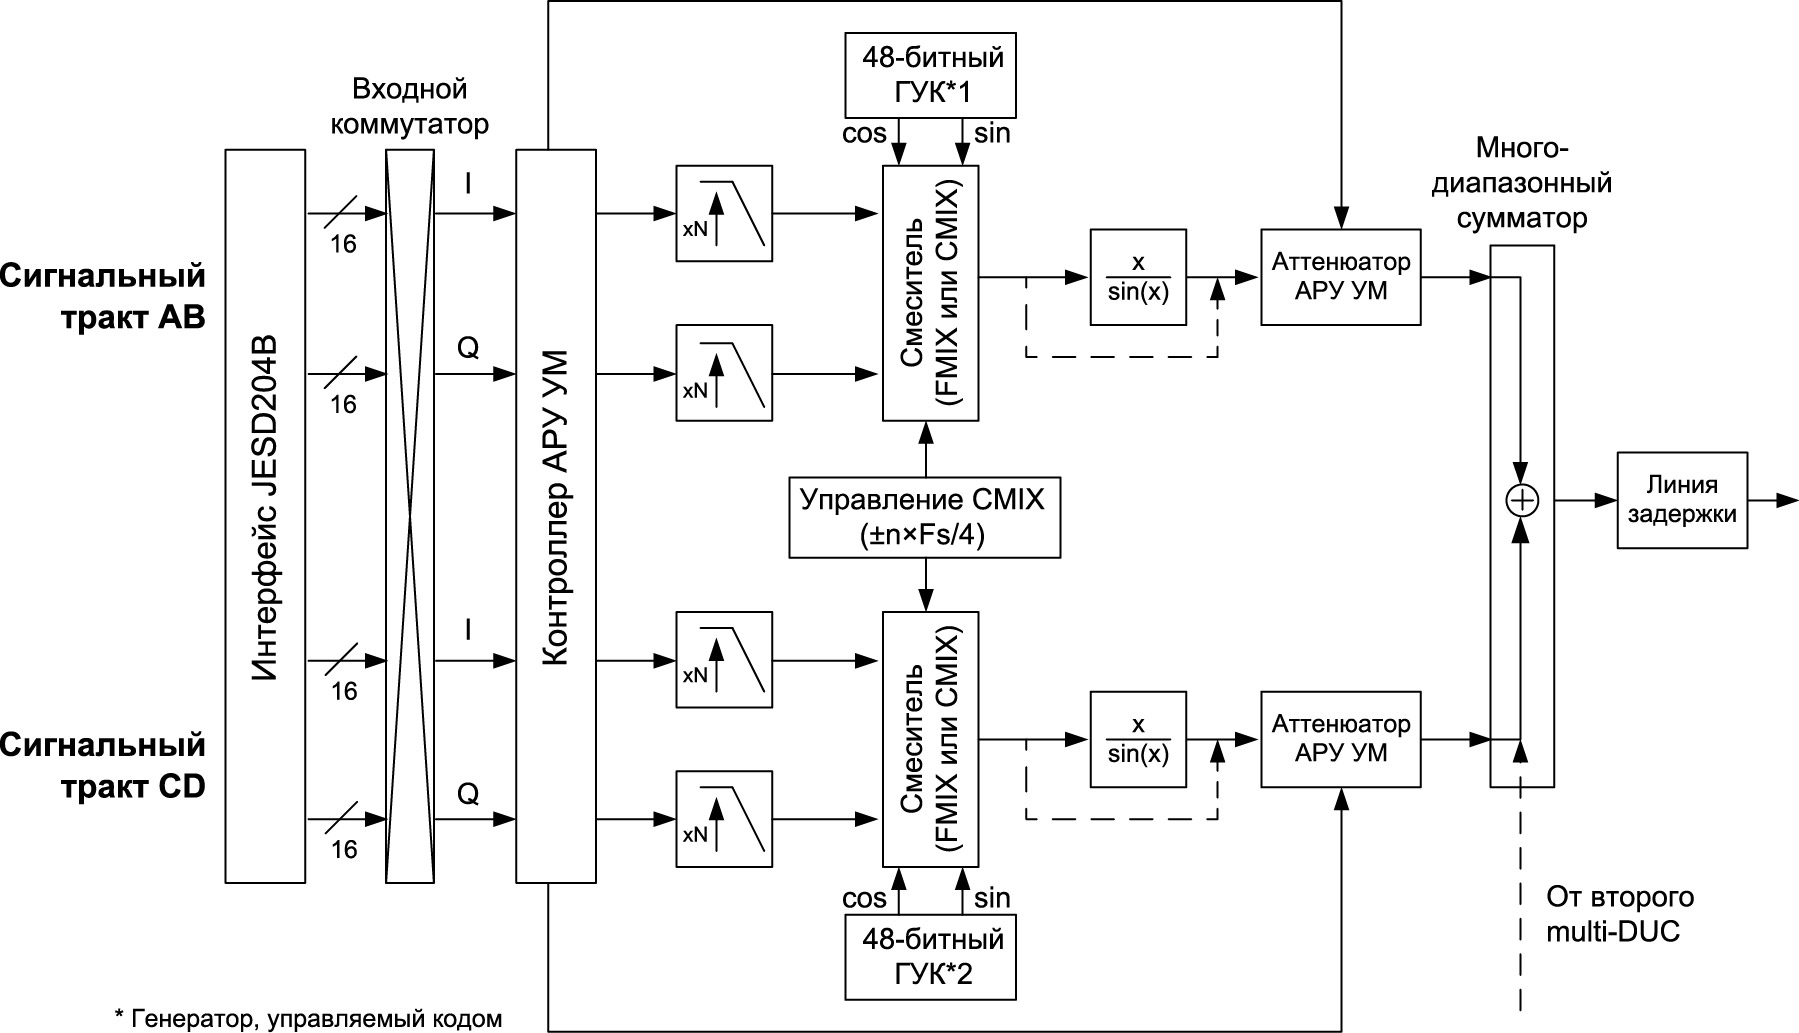 Блок-схема обработки сигнала в блоке multi-DUC микросхем DAC38RFxx